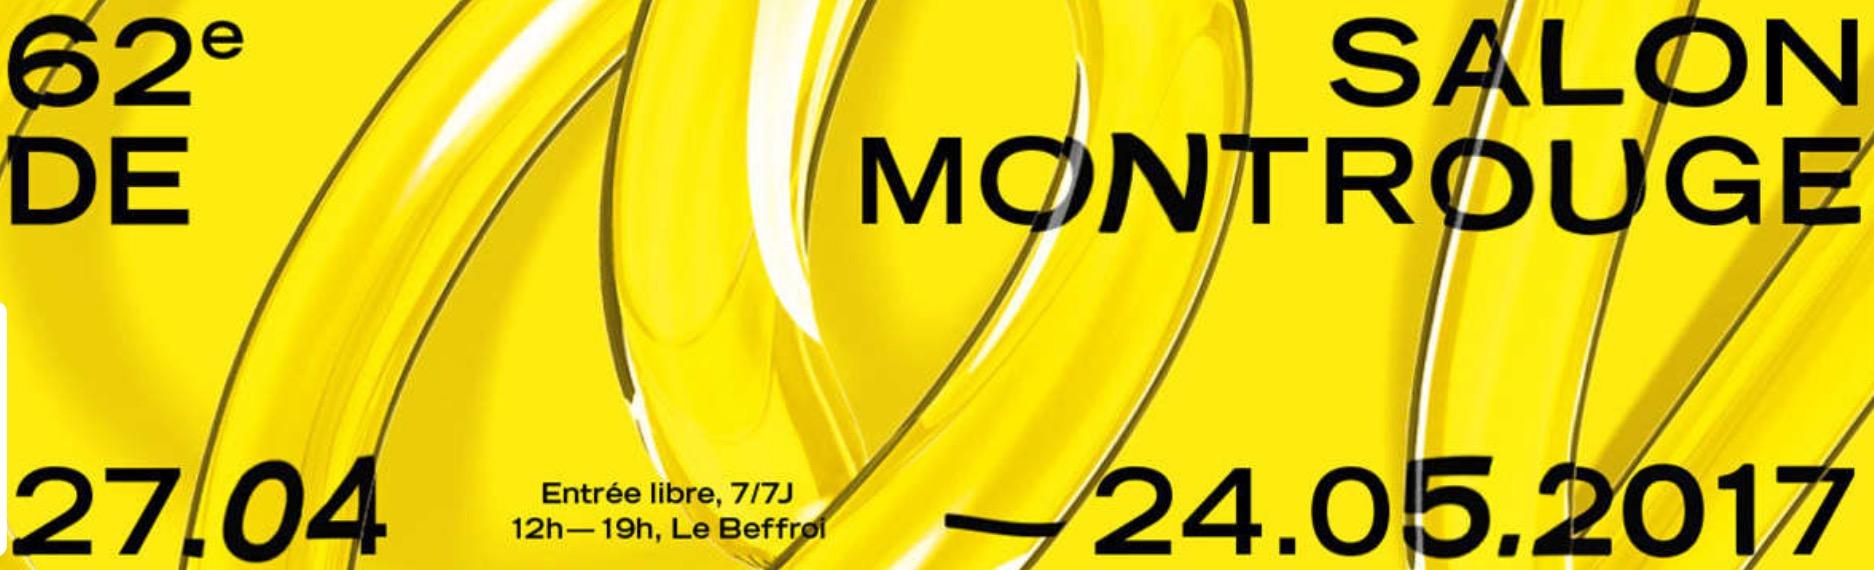 [SALON] 27.04→24.05 – 62E SALON DE MONTROUGE